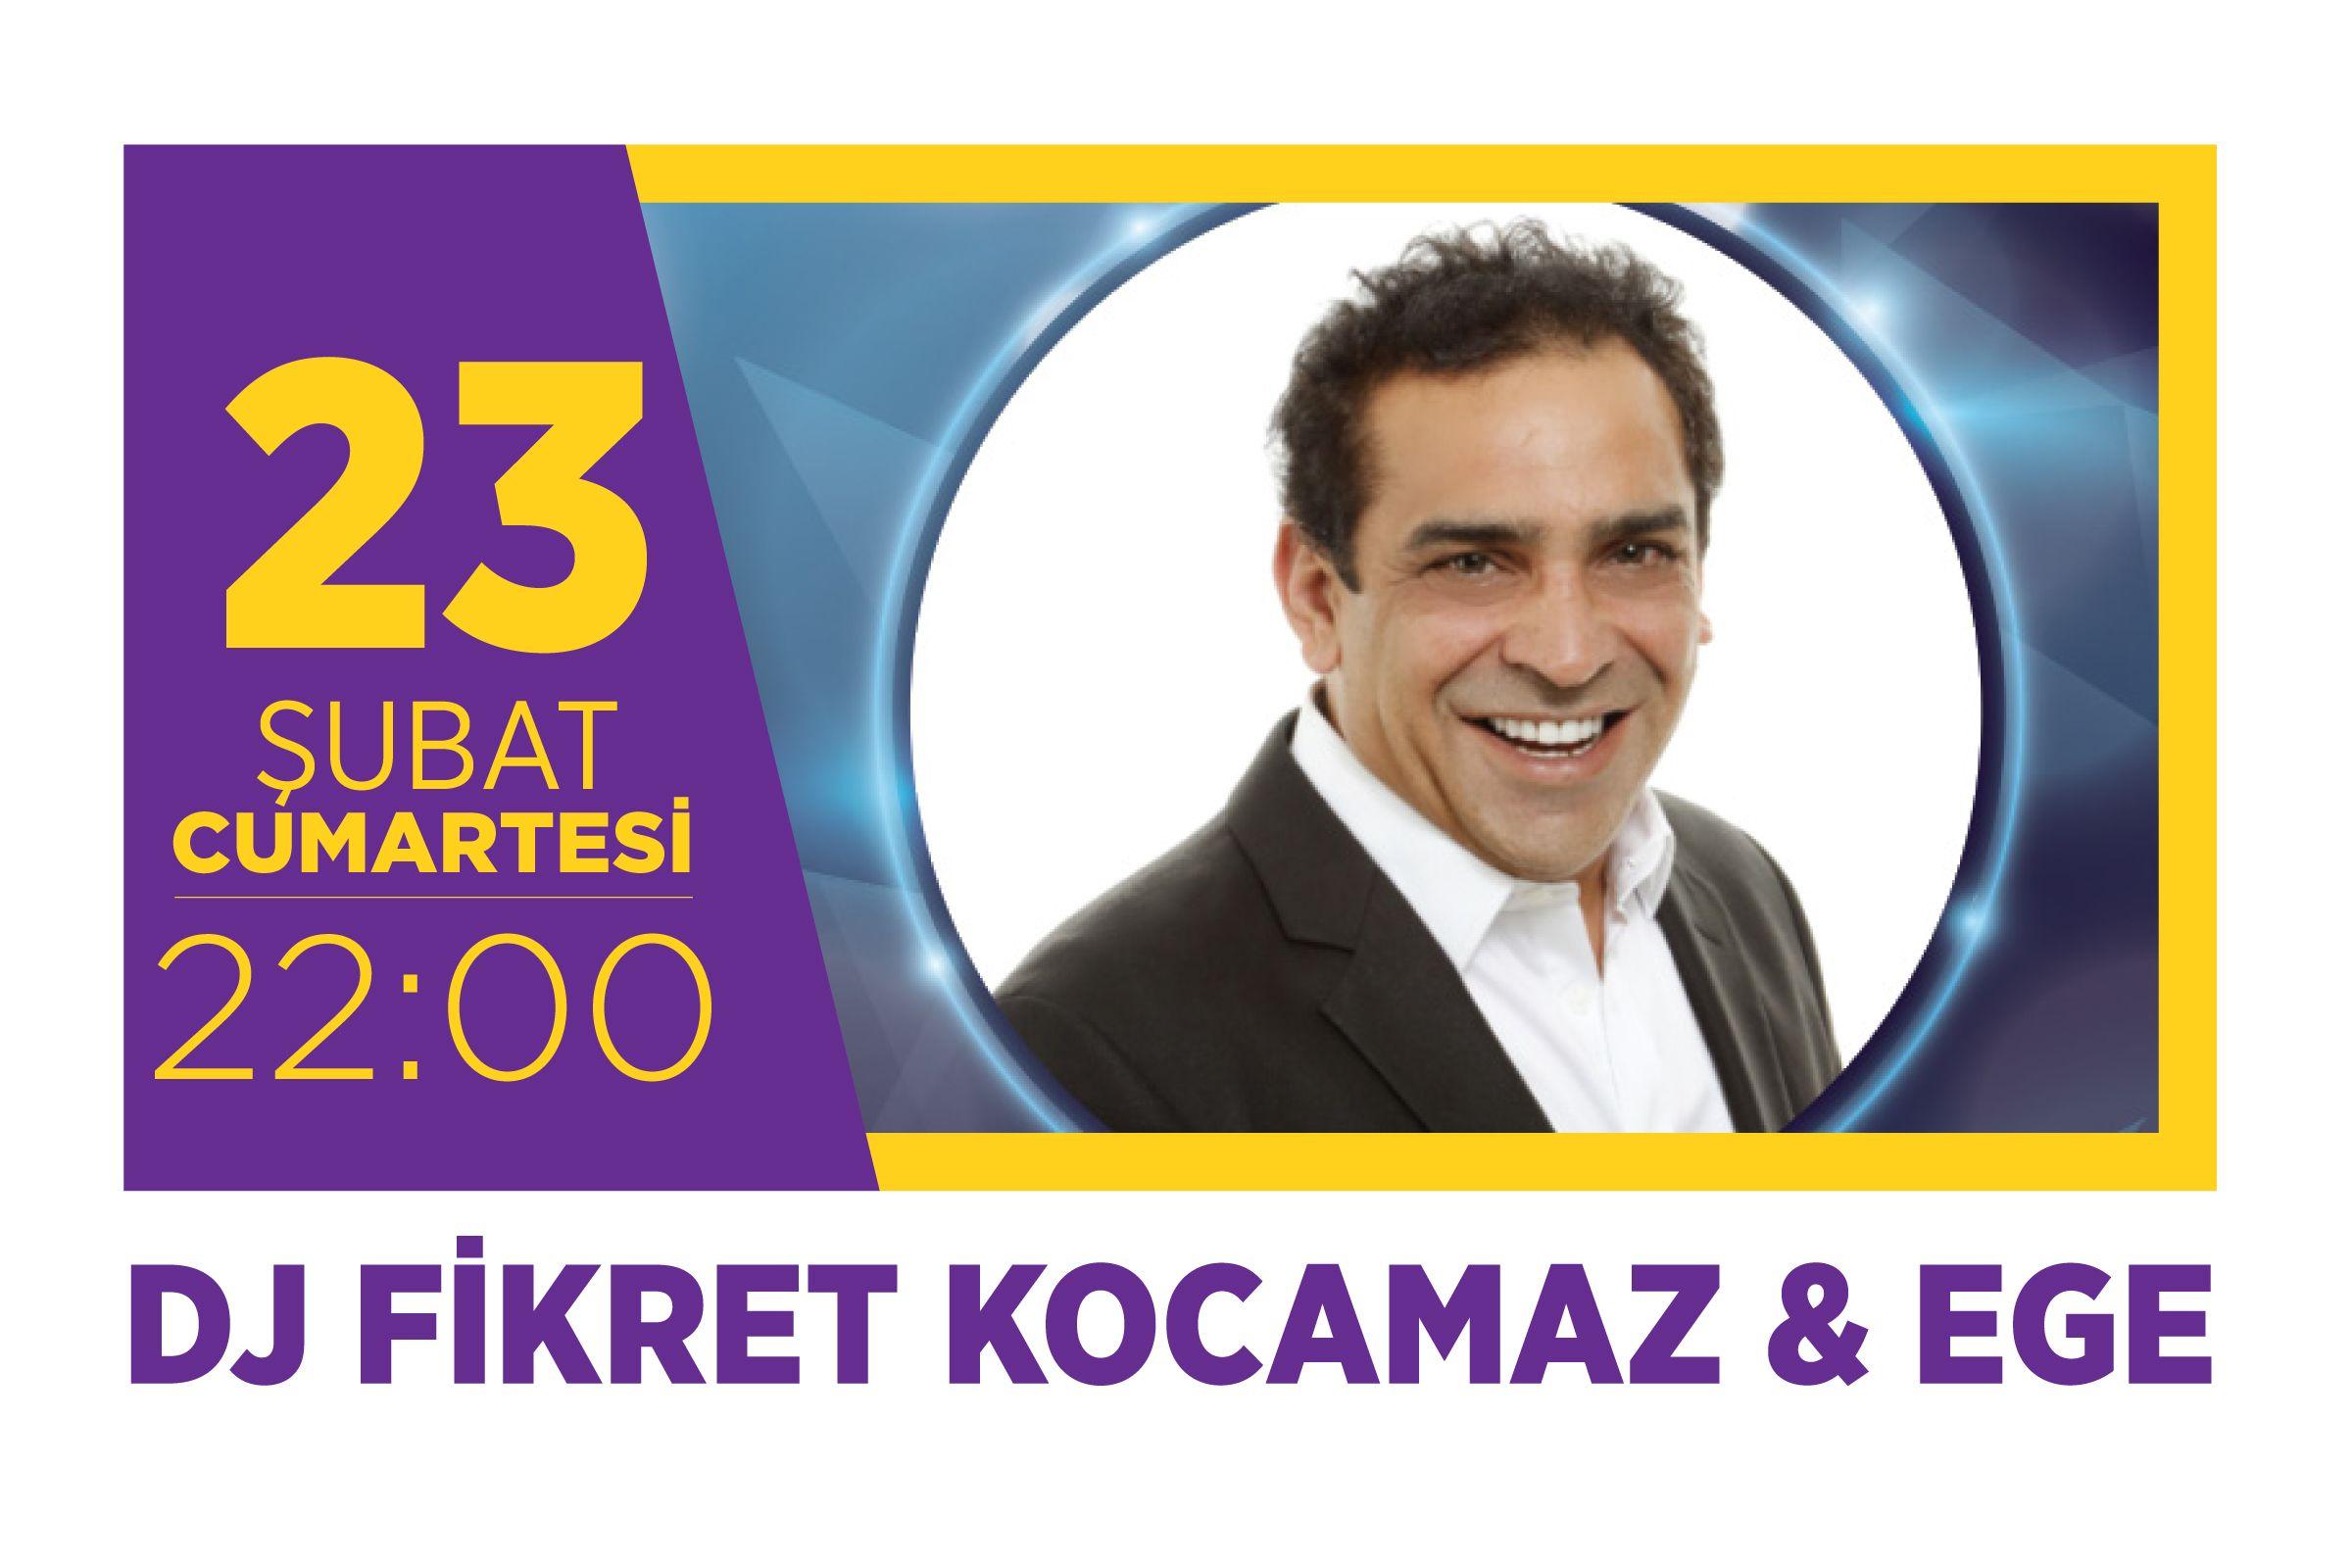 DJ Fikret Kocamaz & Ege Emaar Hayal Kahvesi'nde!